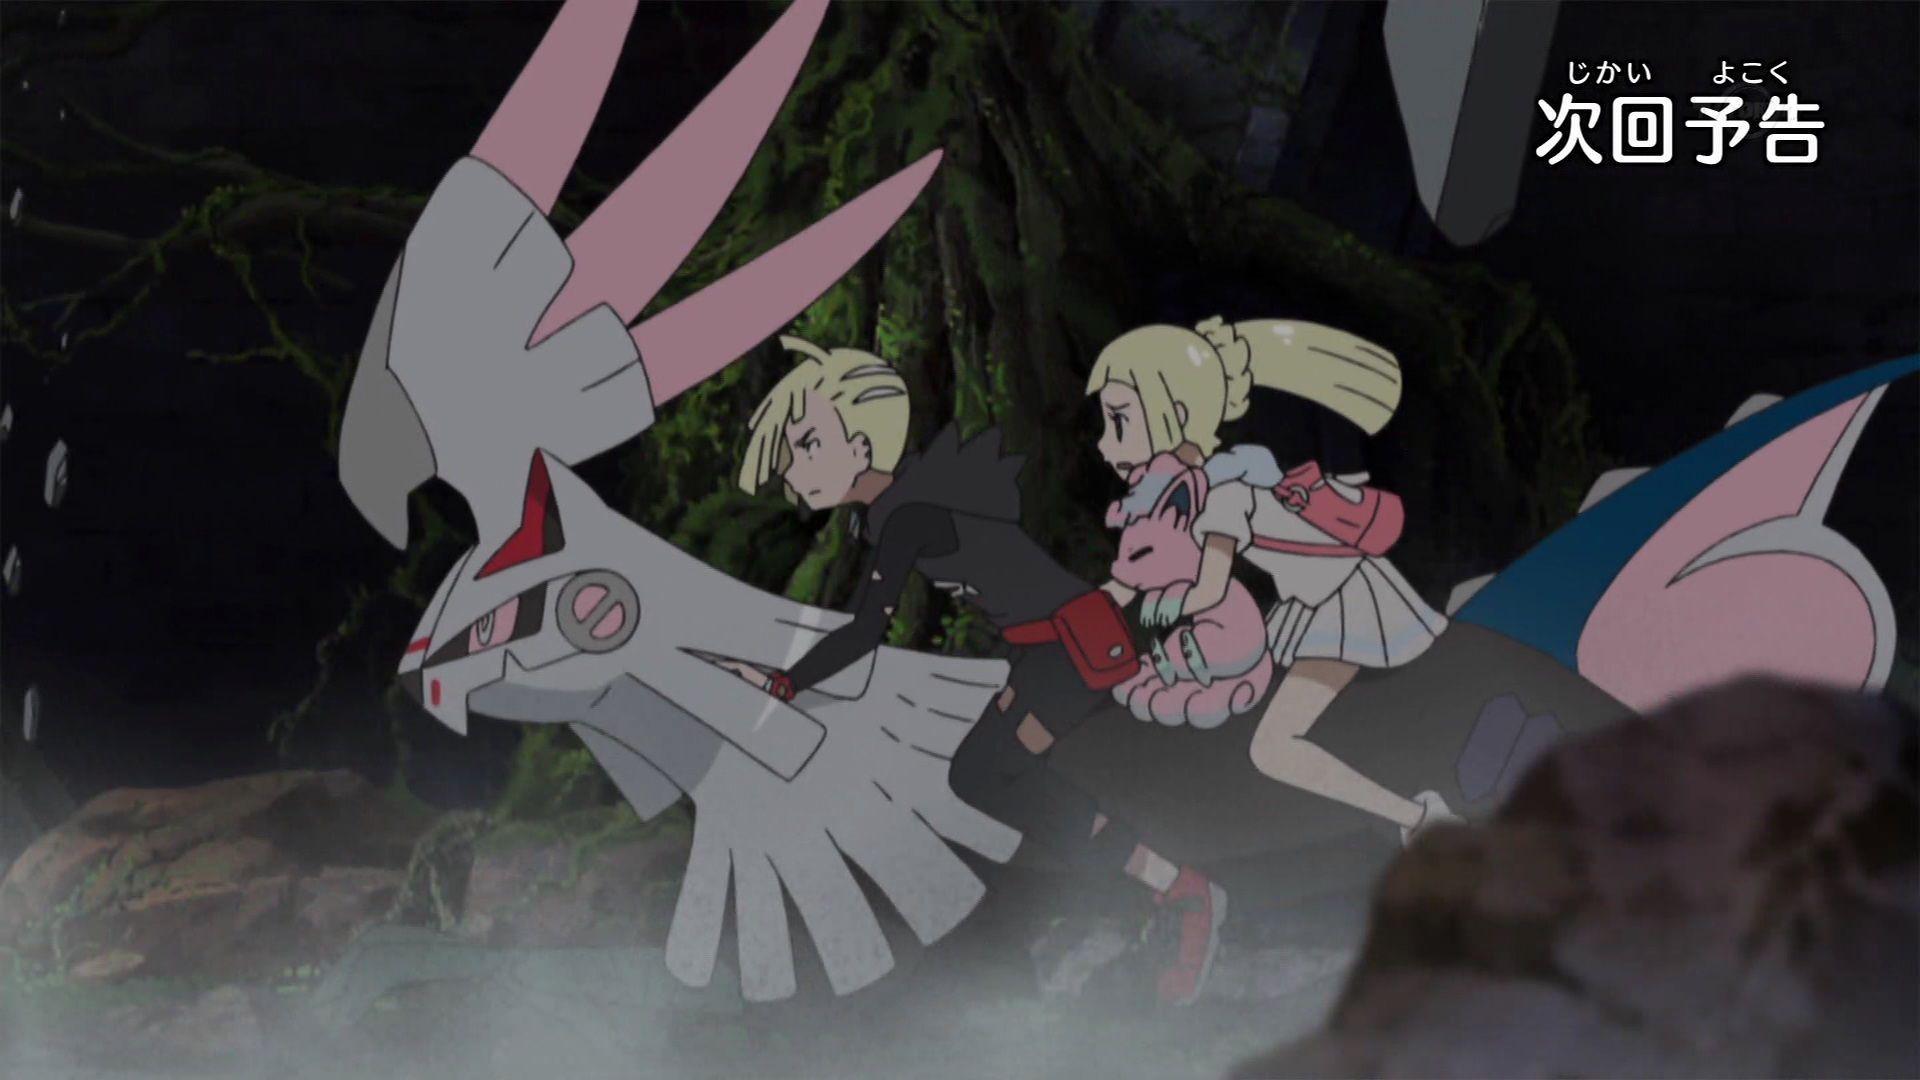 リーリエ、壊れる「ザオボーの逆襲!さらわれたほしぐも!!」【ポケモン